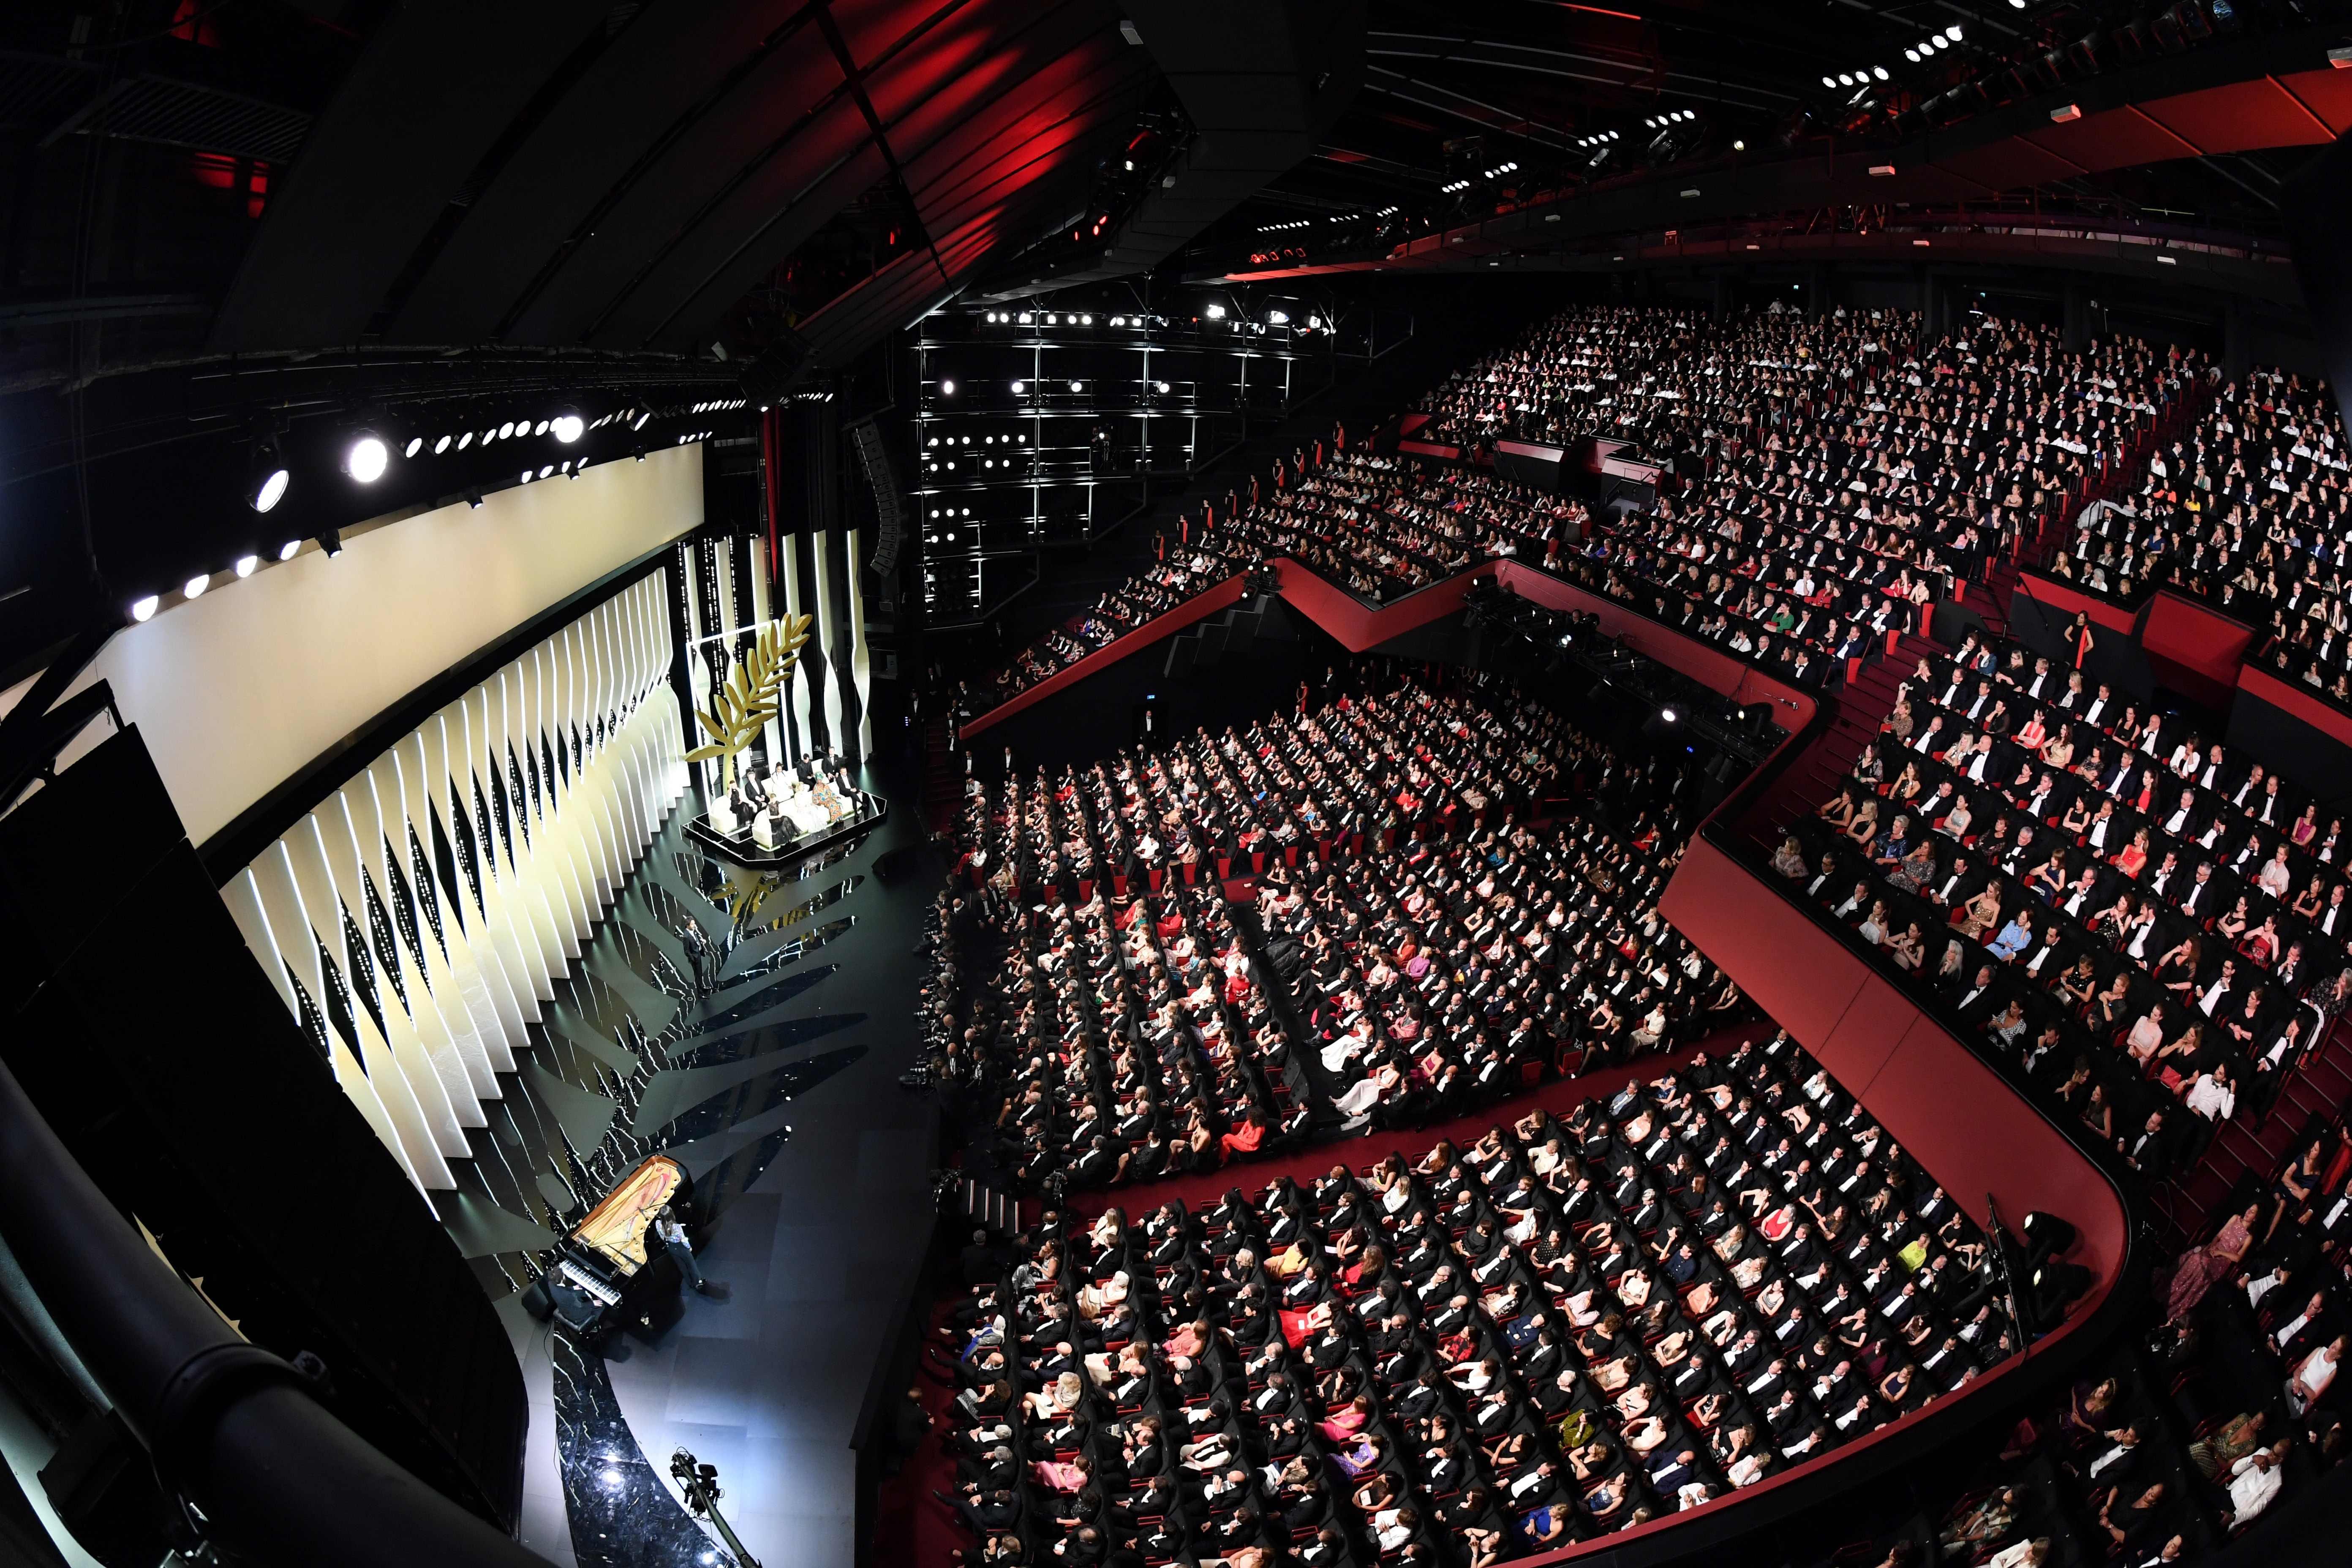 Terry Gilliam sofre AVC e se ausenta do Festival de Cannes